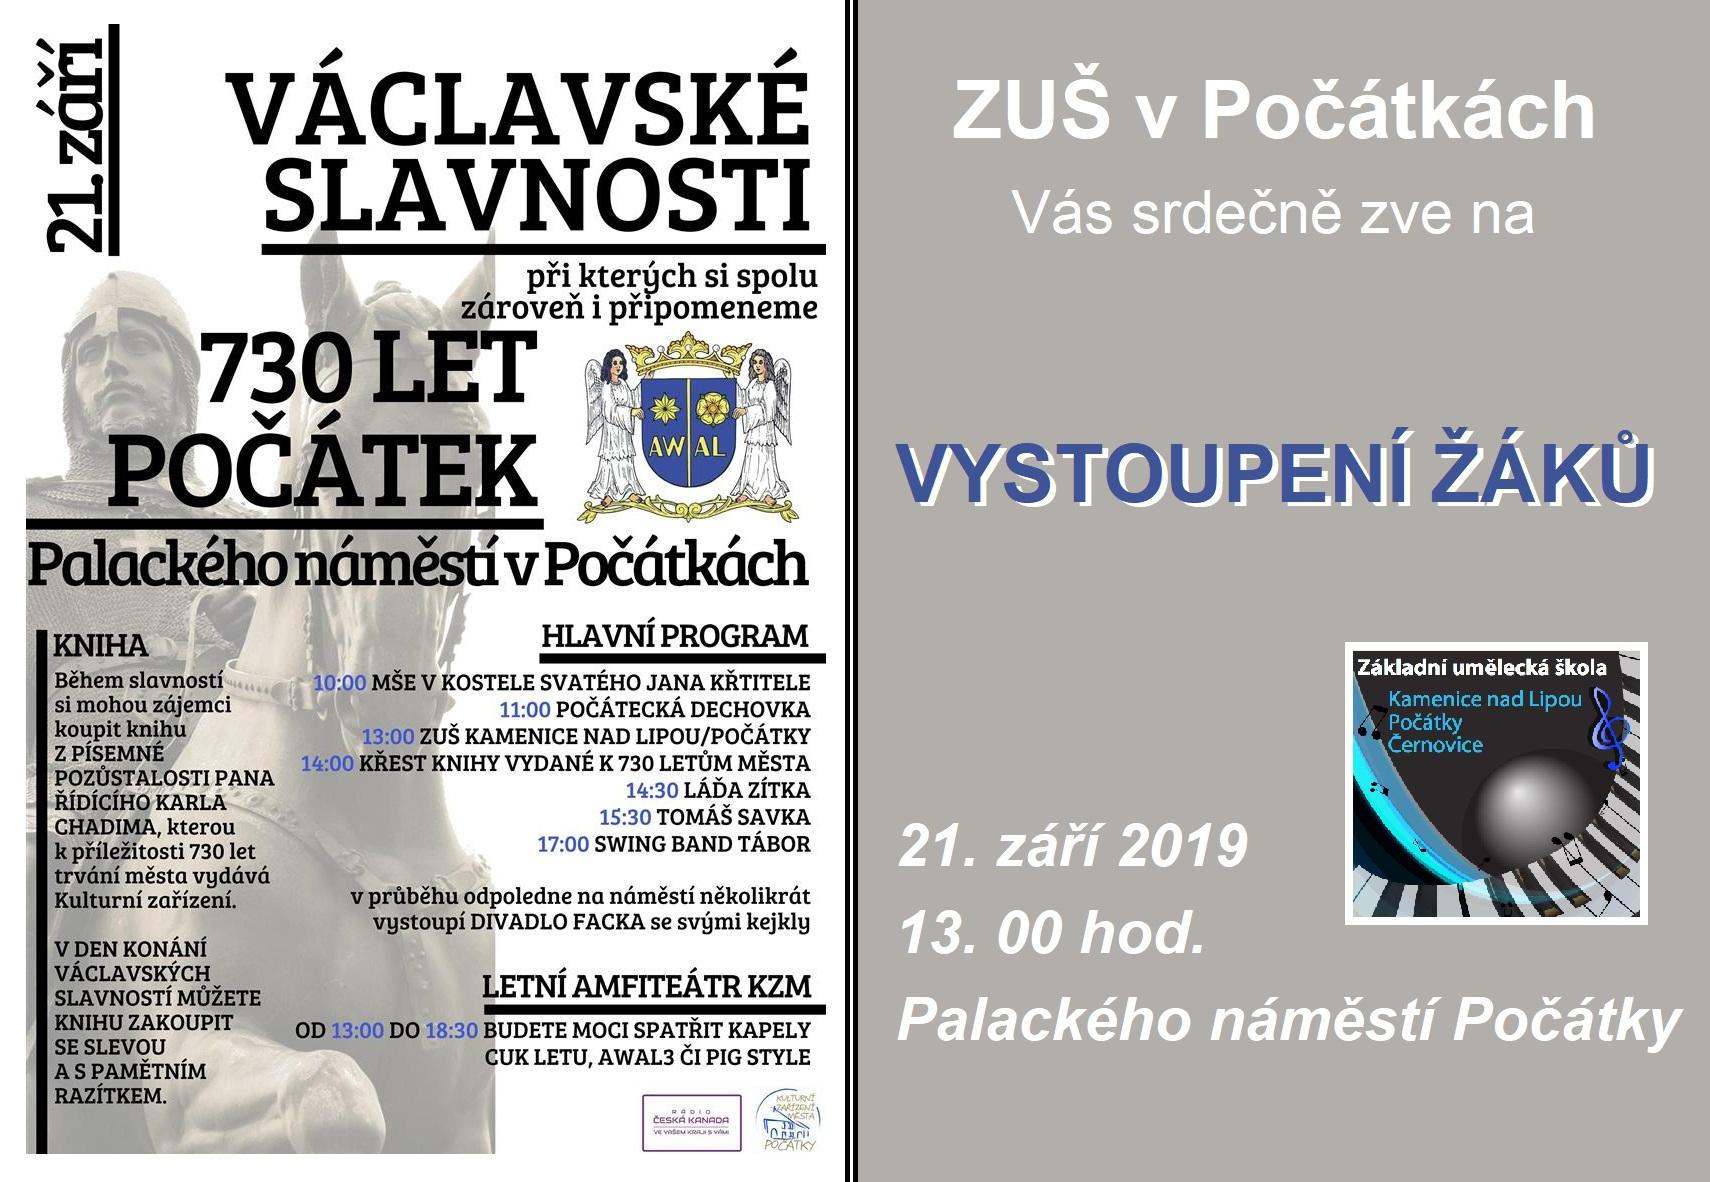 21.9. 2019 - VÁCLAVSKÉ SLAVNOSTI POČÁTKY